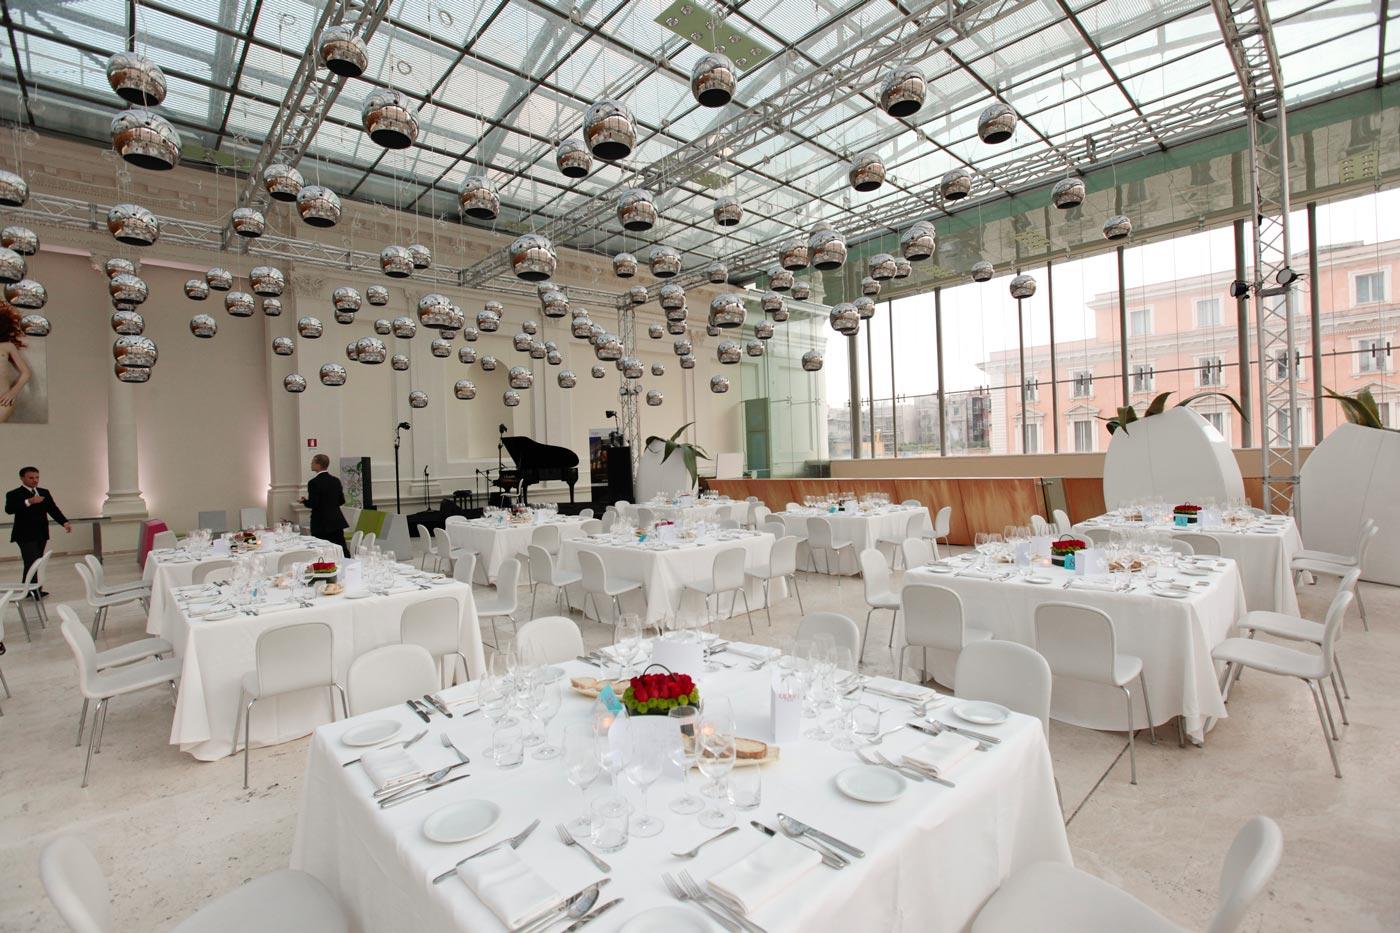 Migliori ristoranti per cena aziendale Roma